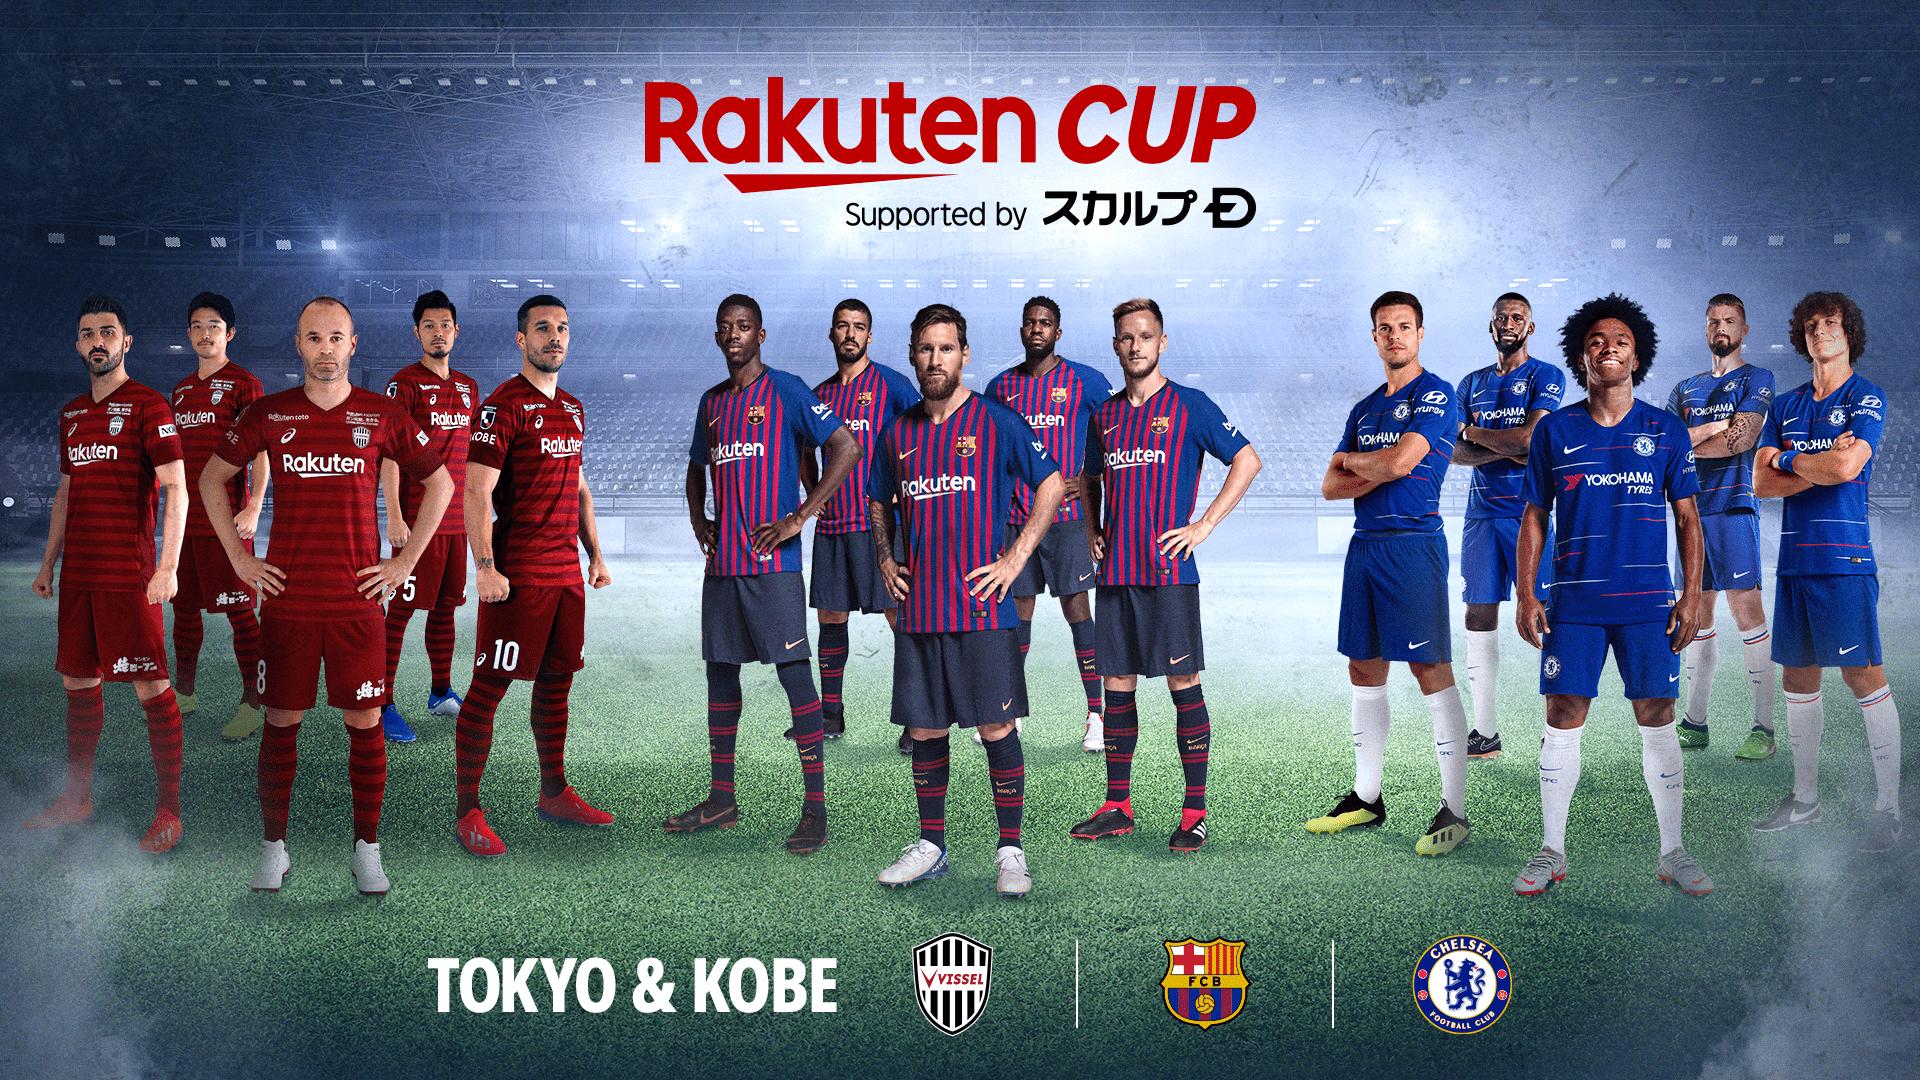 Rakuten Cup - Rakuten Event Marketing